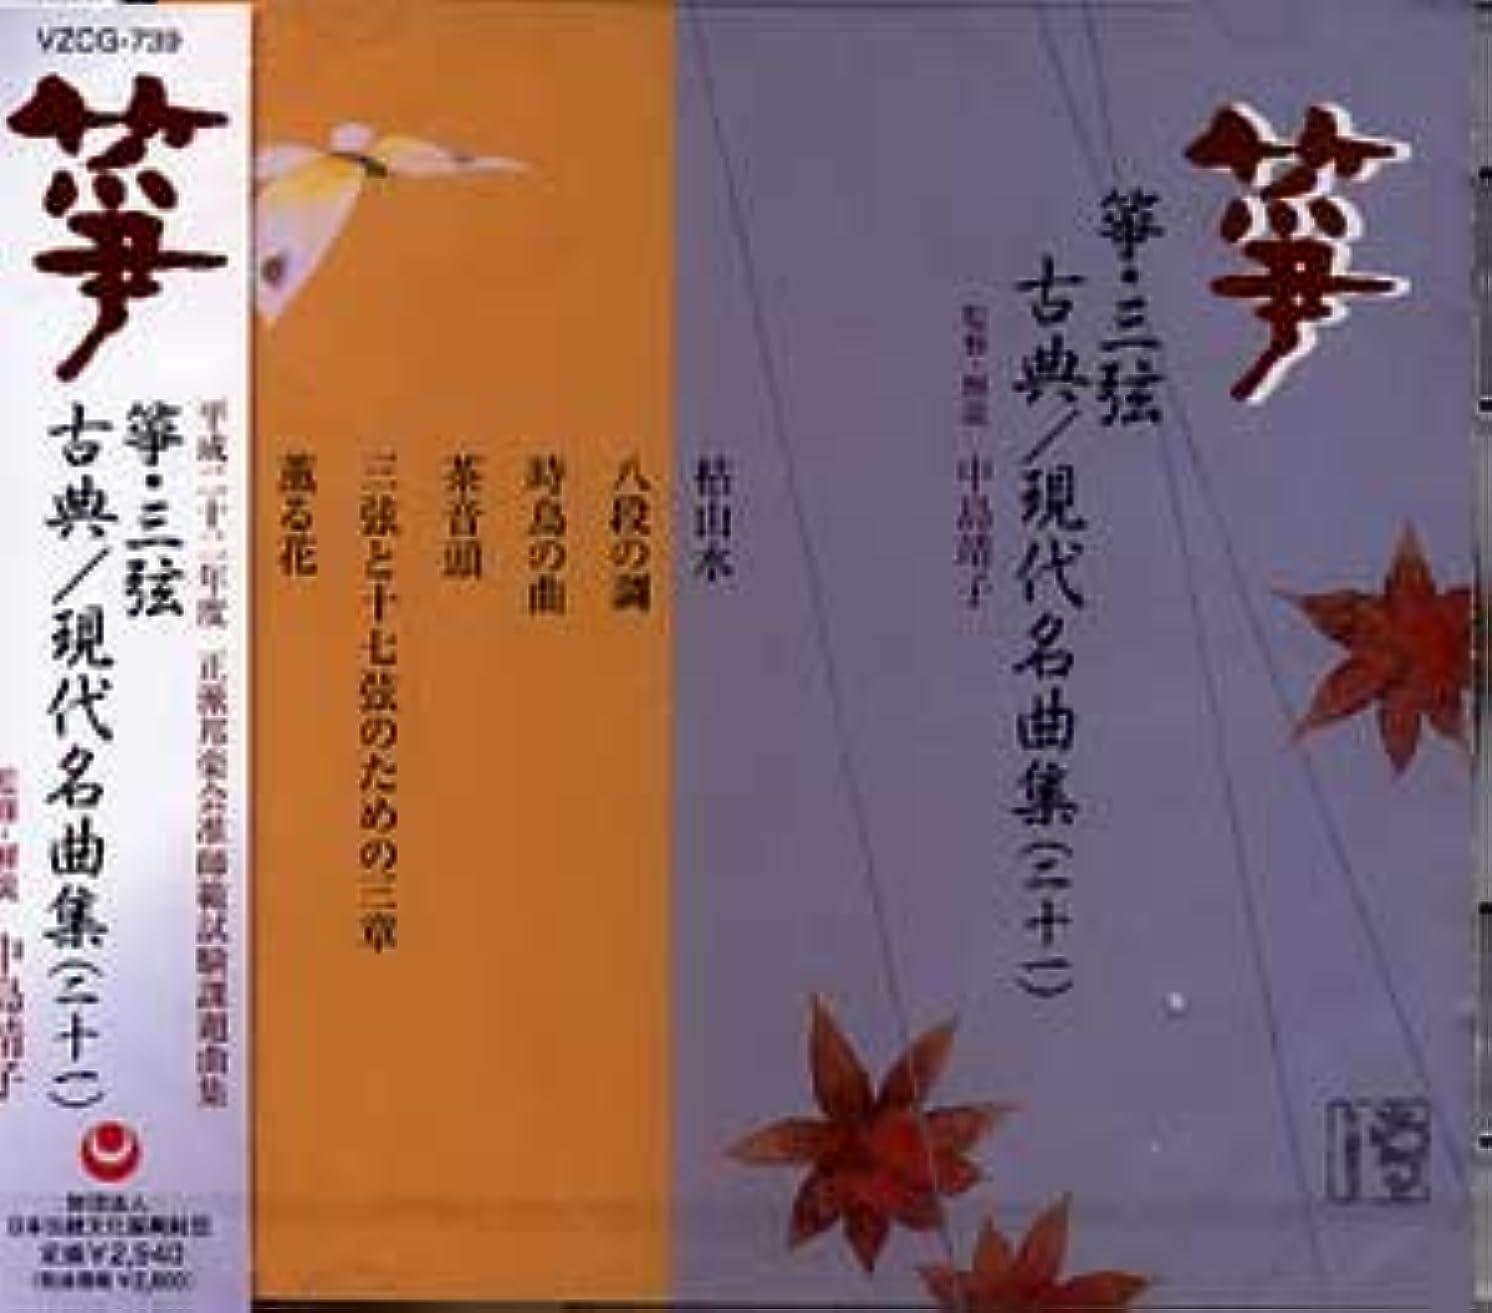 一生料理州CD 正派邦楽会 箏?三絃 古典 現代名曲集 (21) (送料など込)